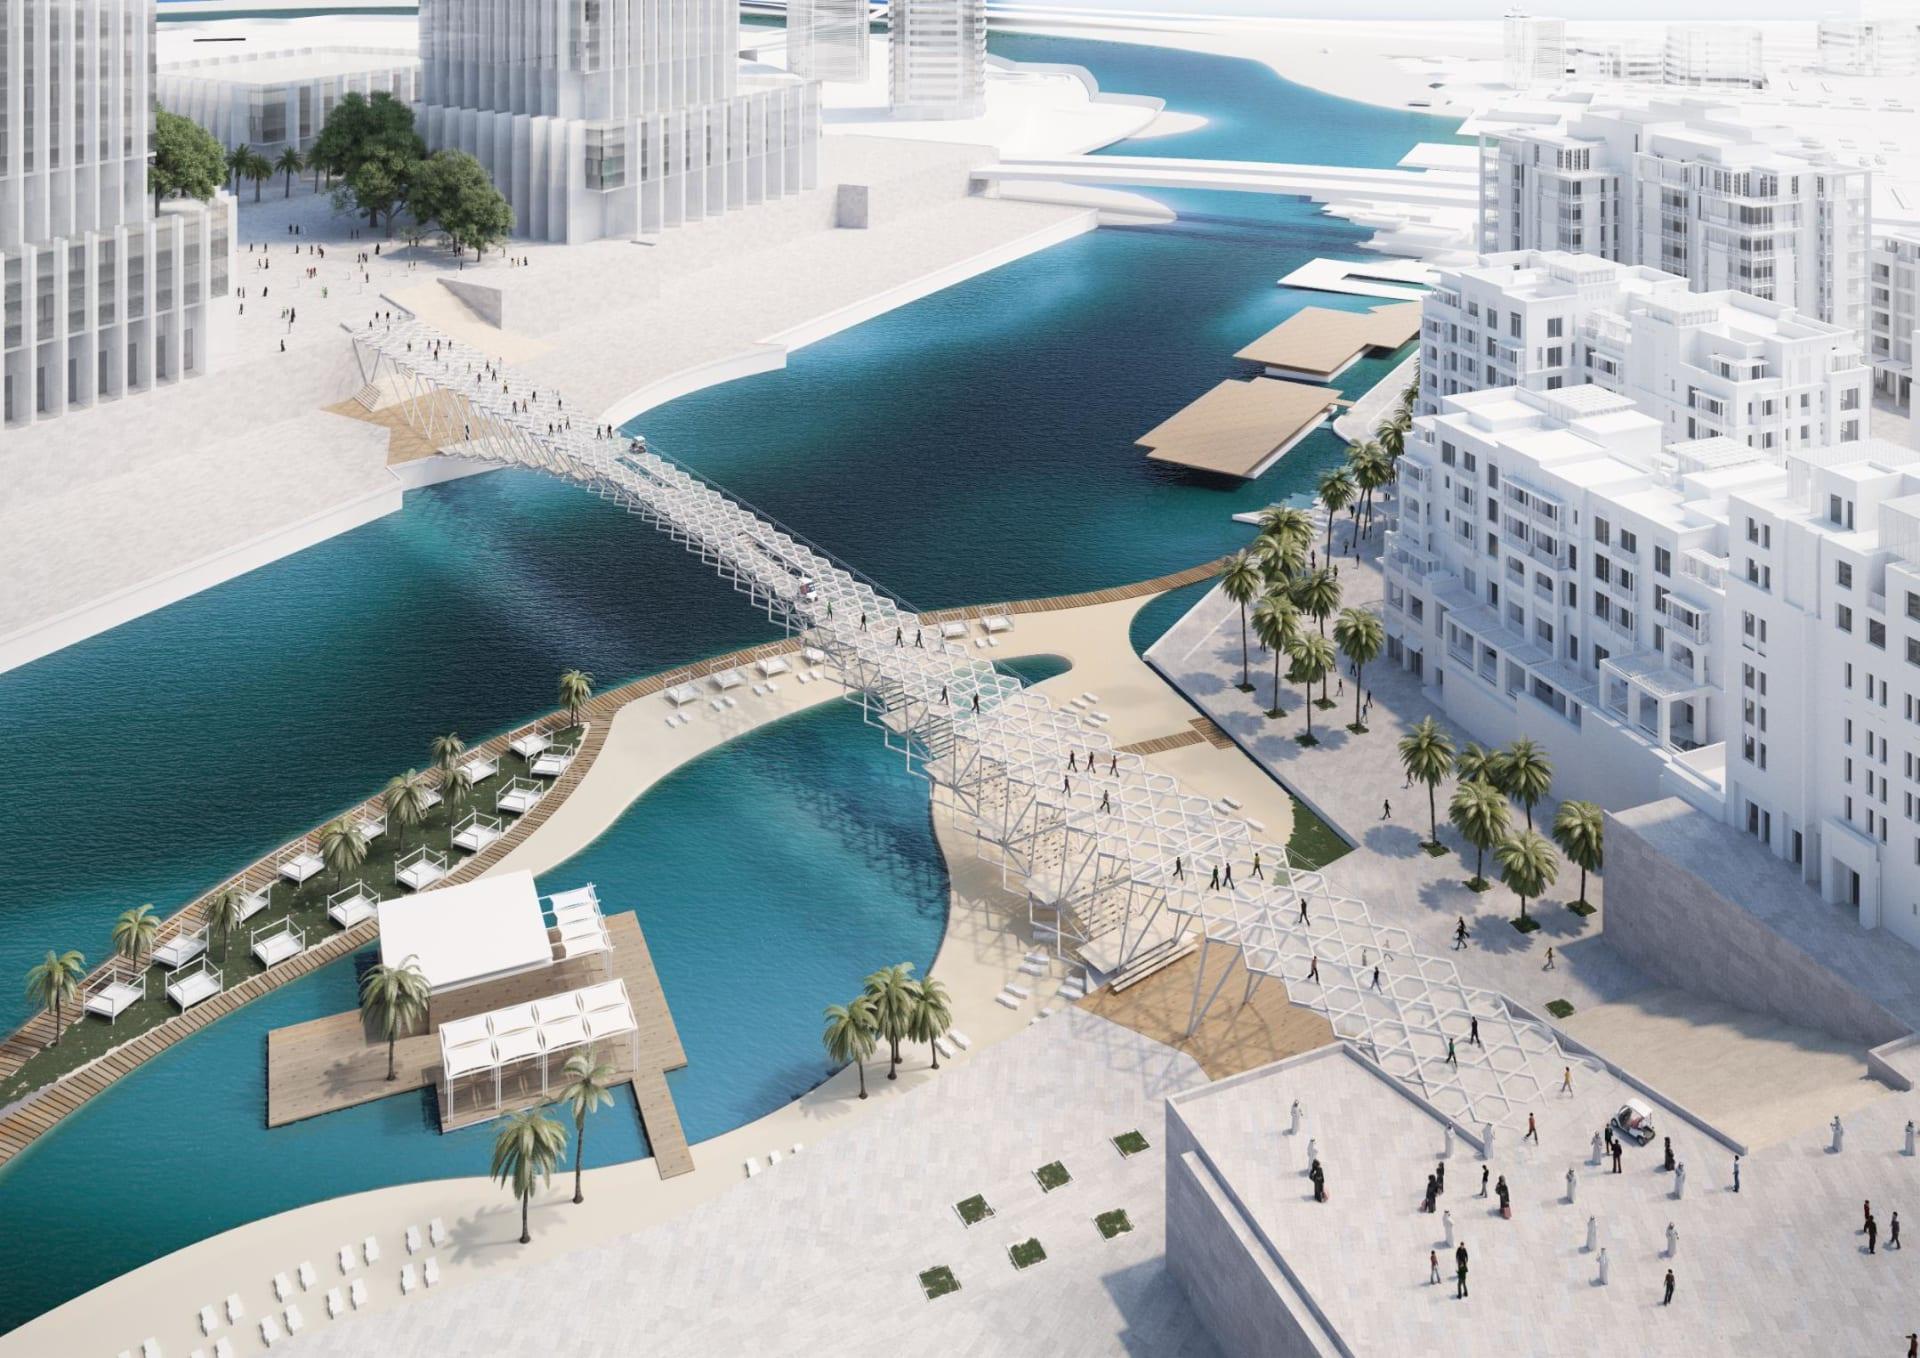 يصل إلى أطول برج في العالم..الكشف عن جسر للمشاة كأحدث أعمال مشروع خور دبي العملاق